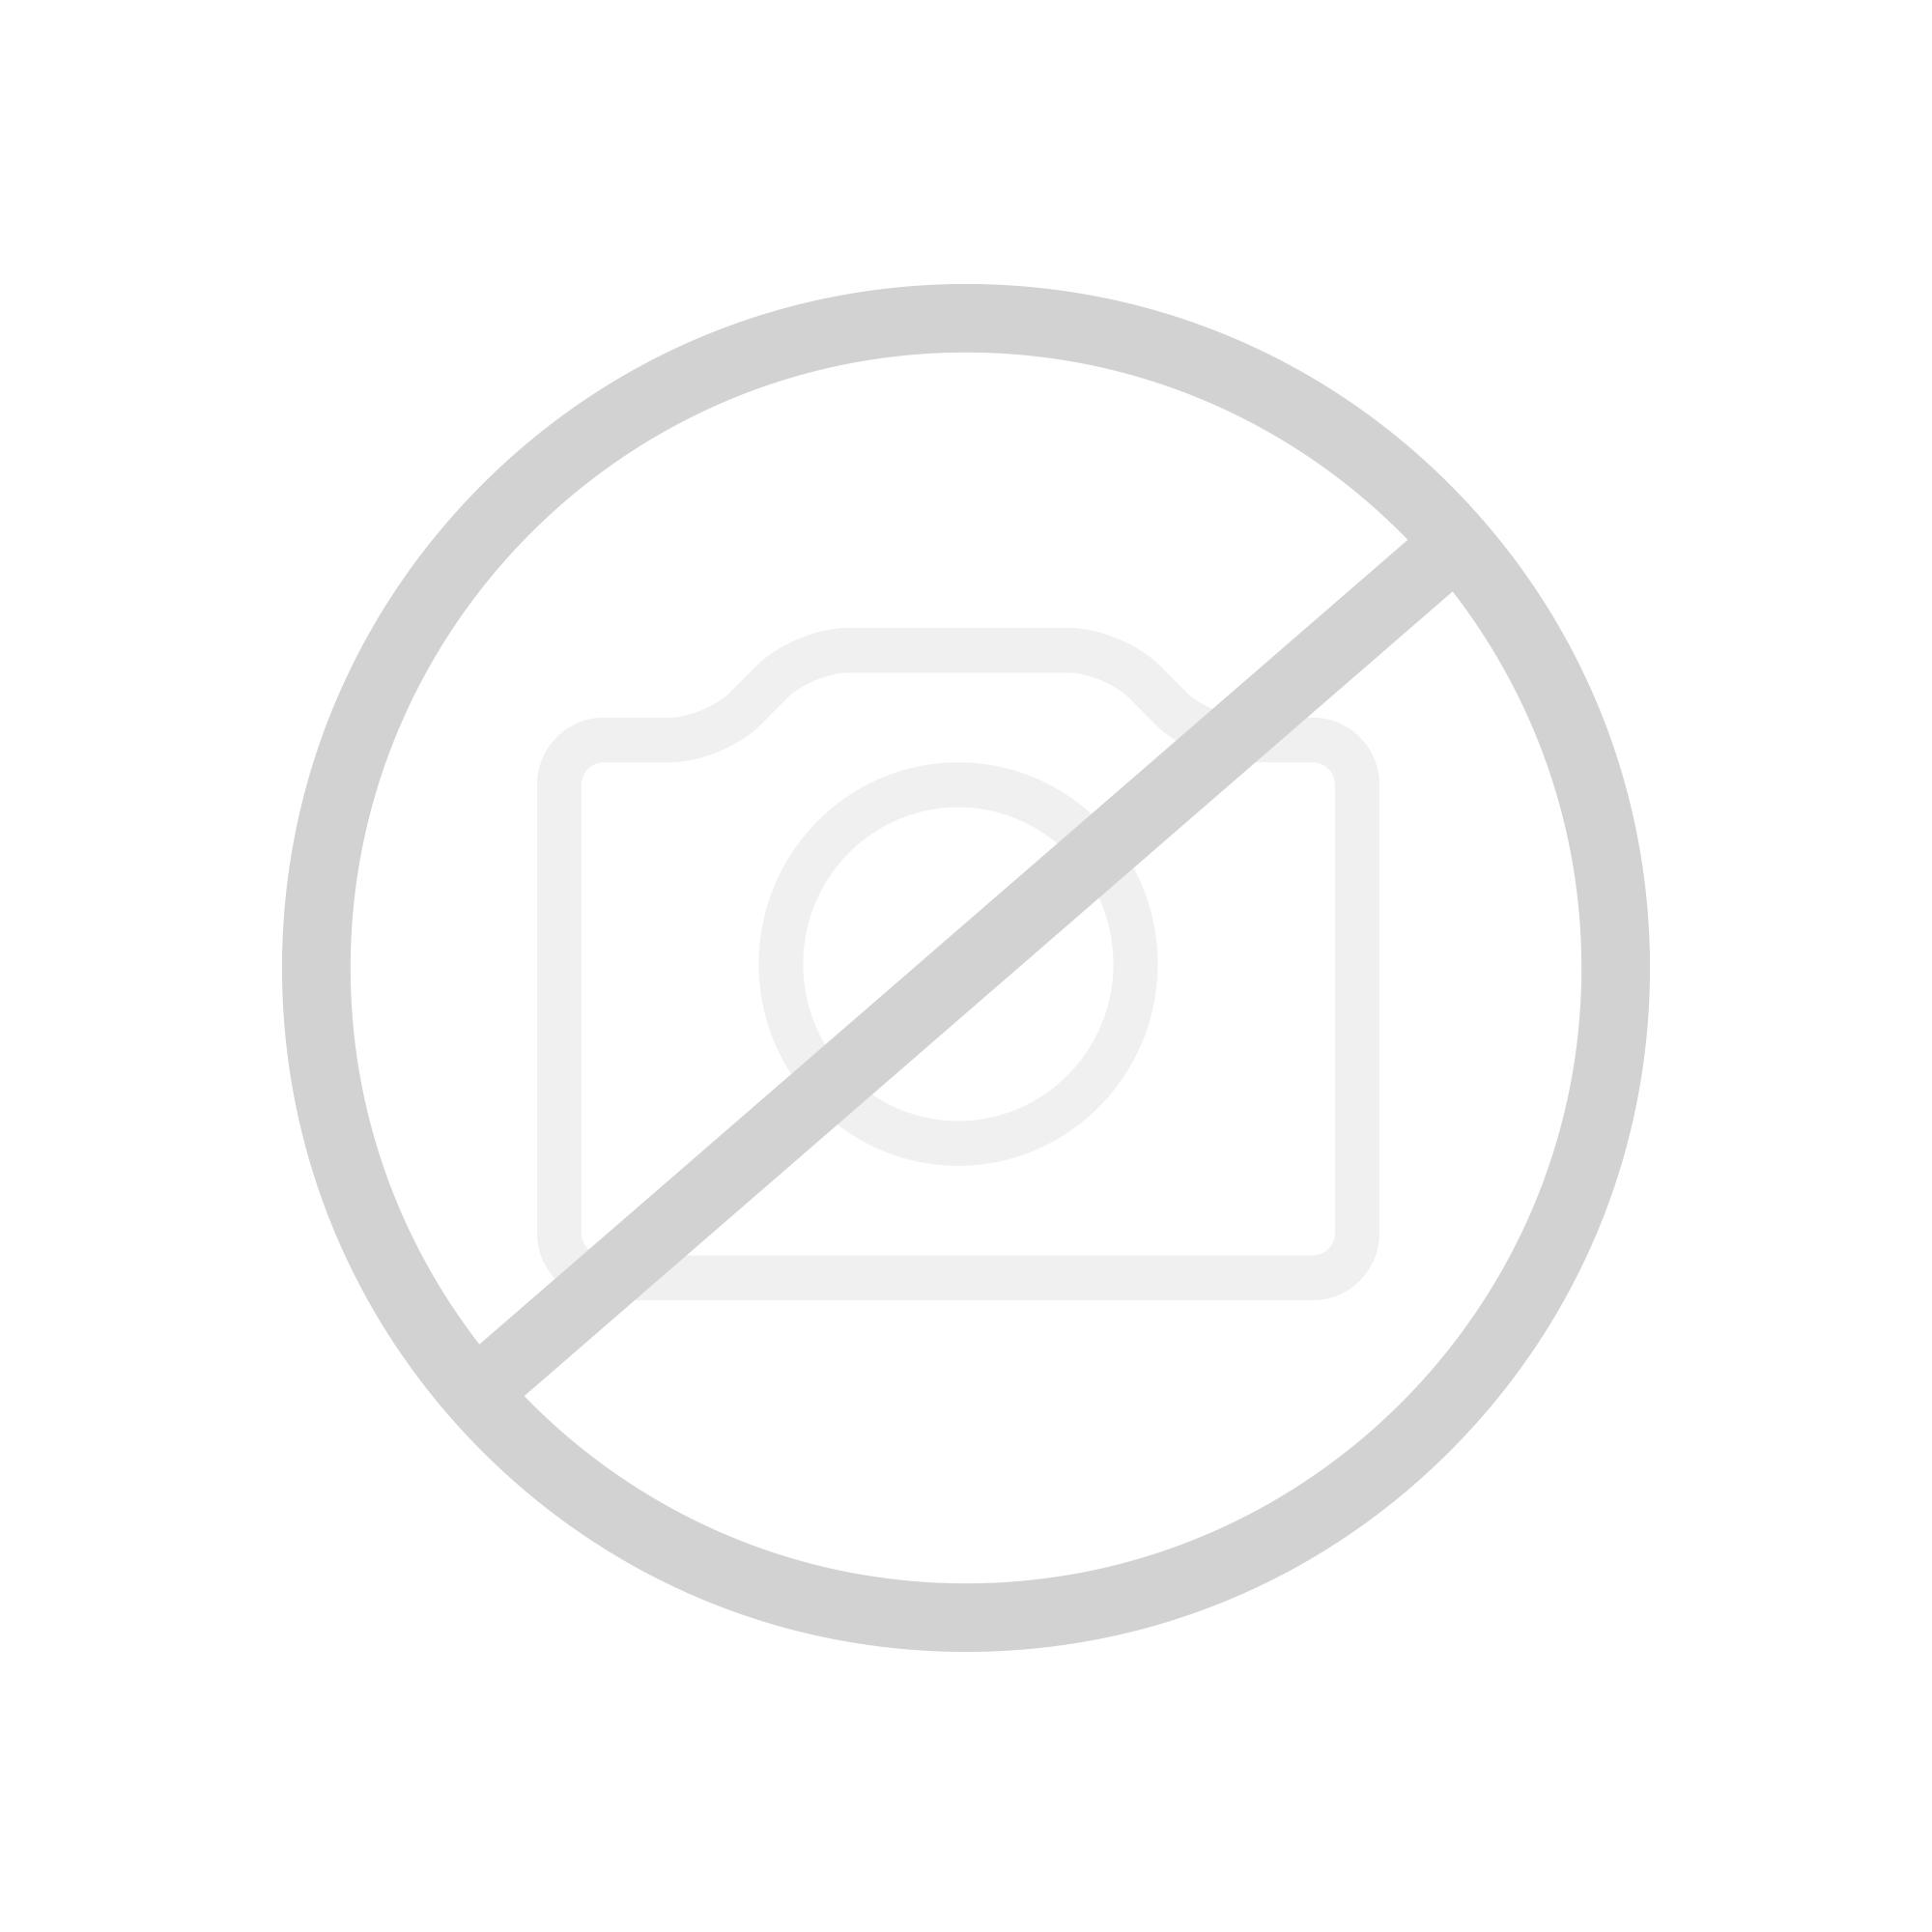 Keuco Edition 11 Einhebel-Waschtischmischer für Wandmontage Ausladung: 219 mm